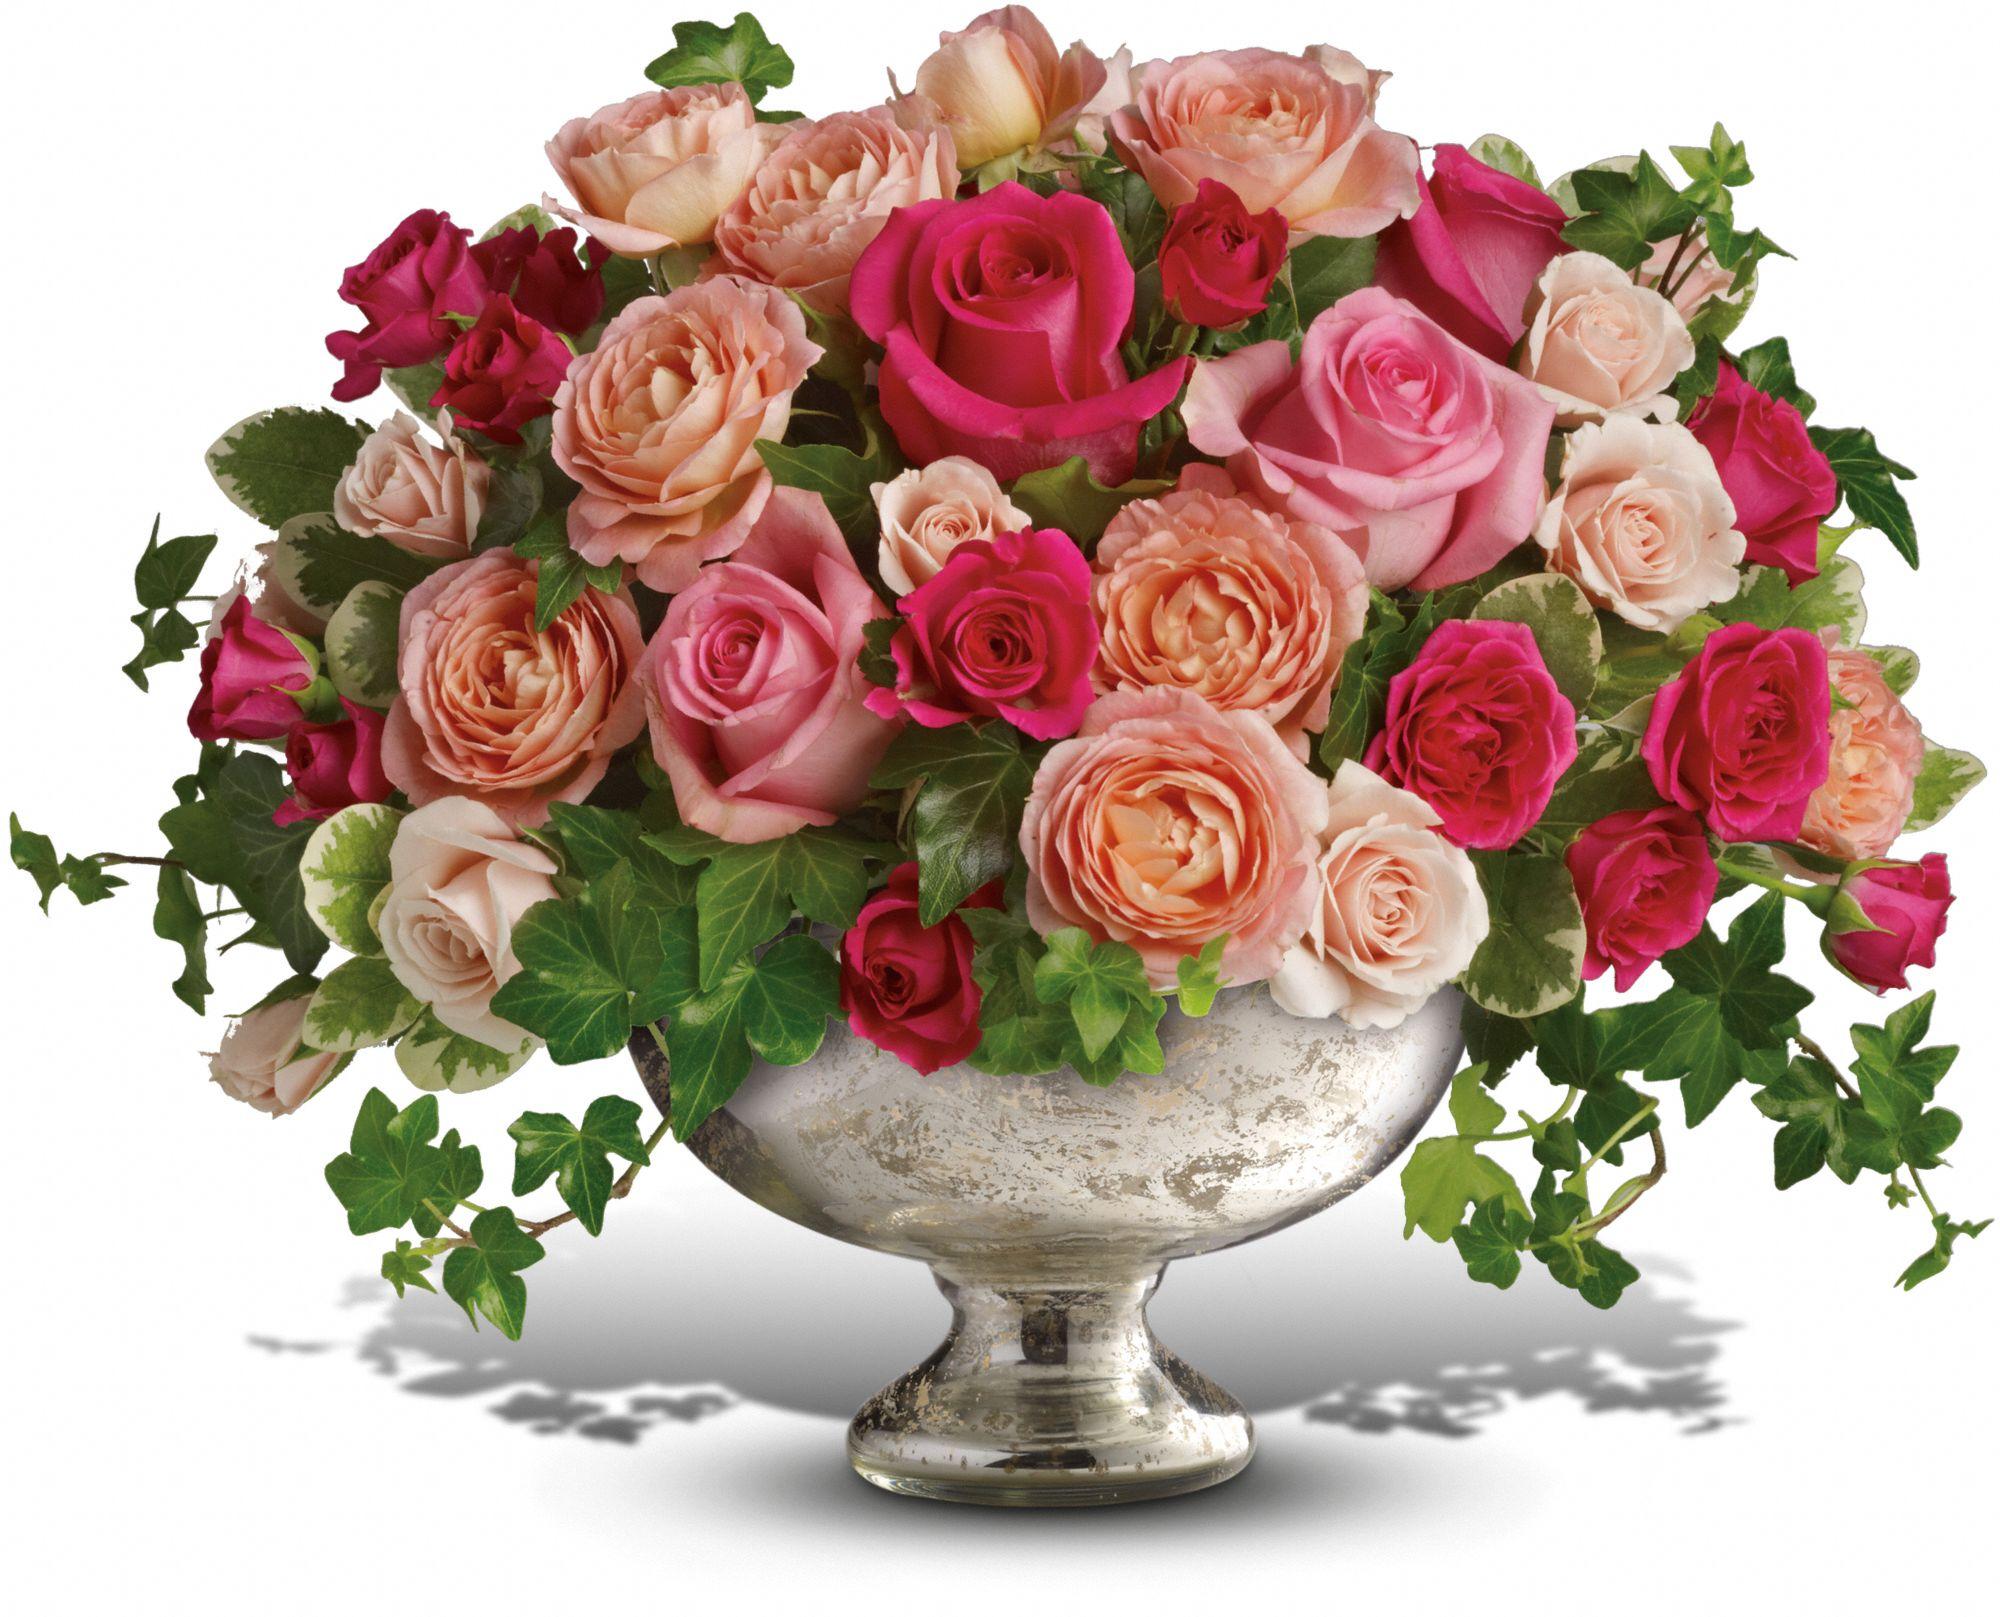 rose flower meaning  symbolism  teleflora, Natural flower